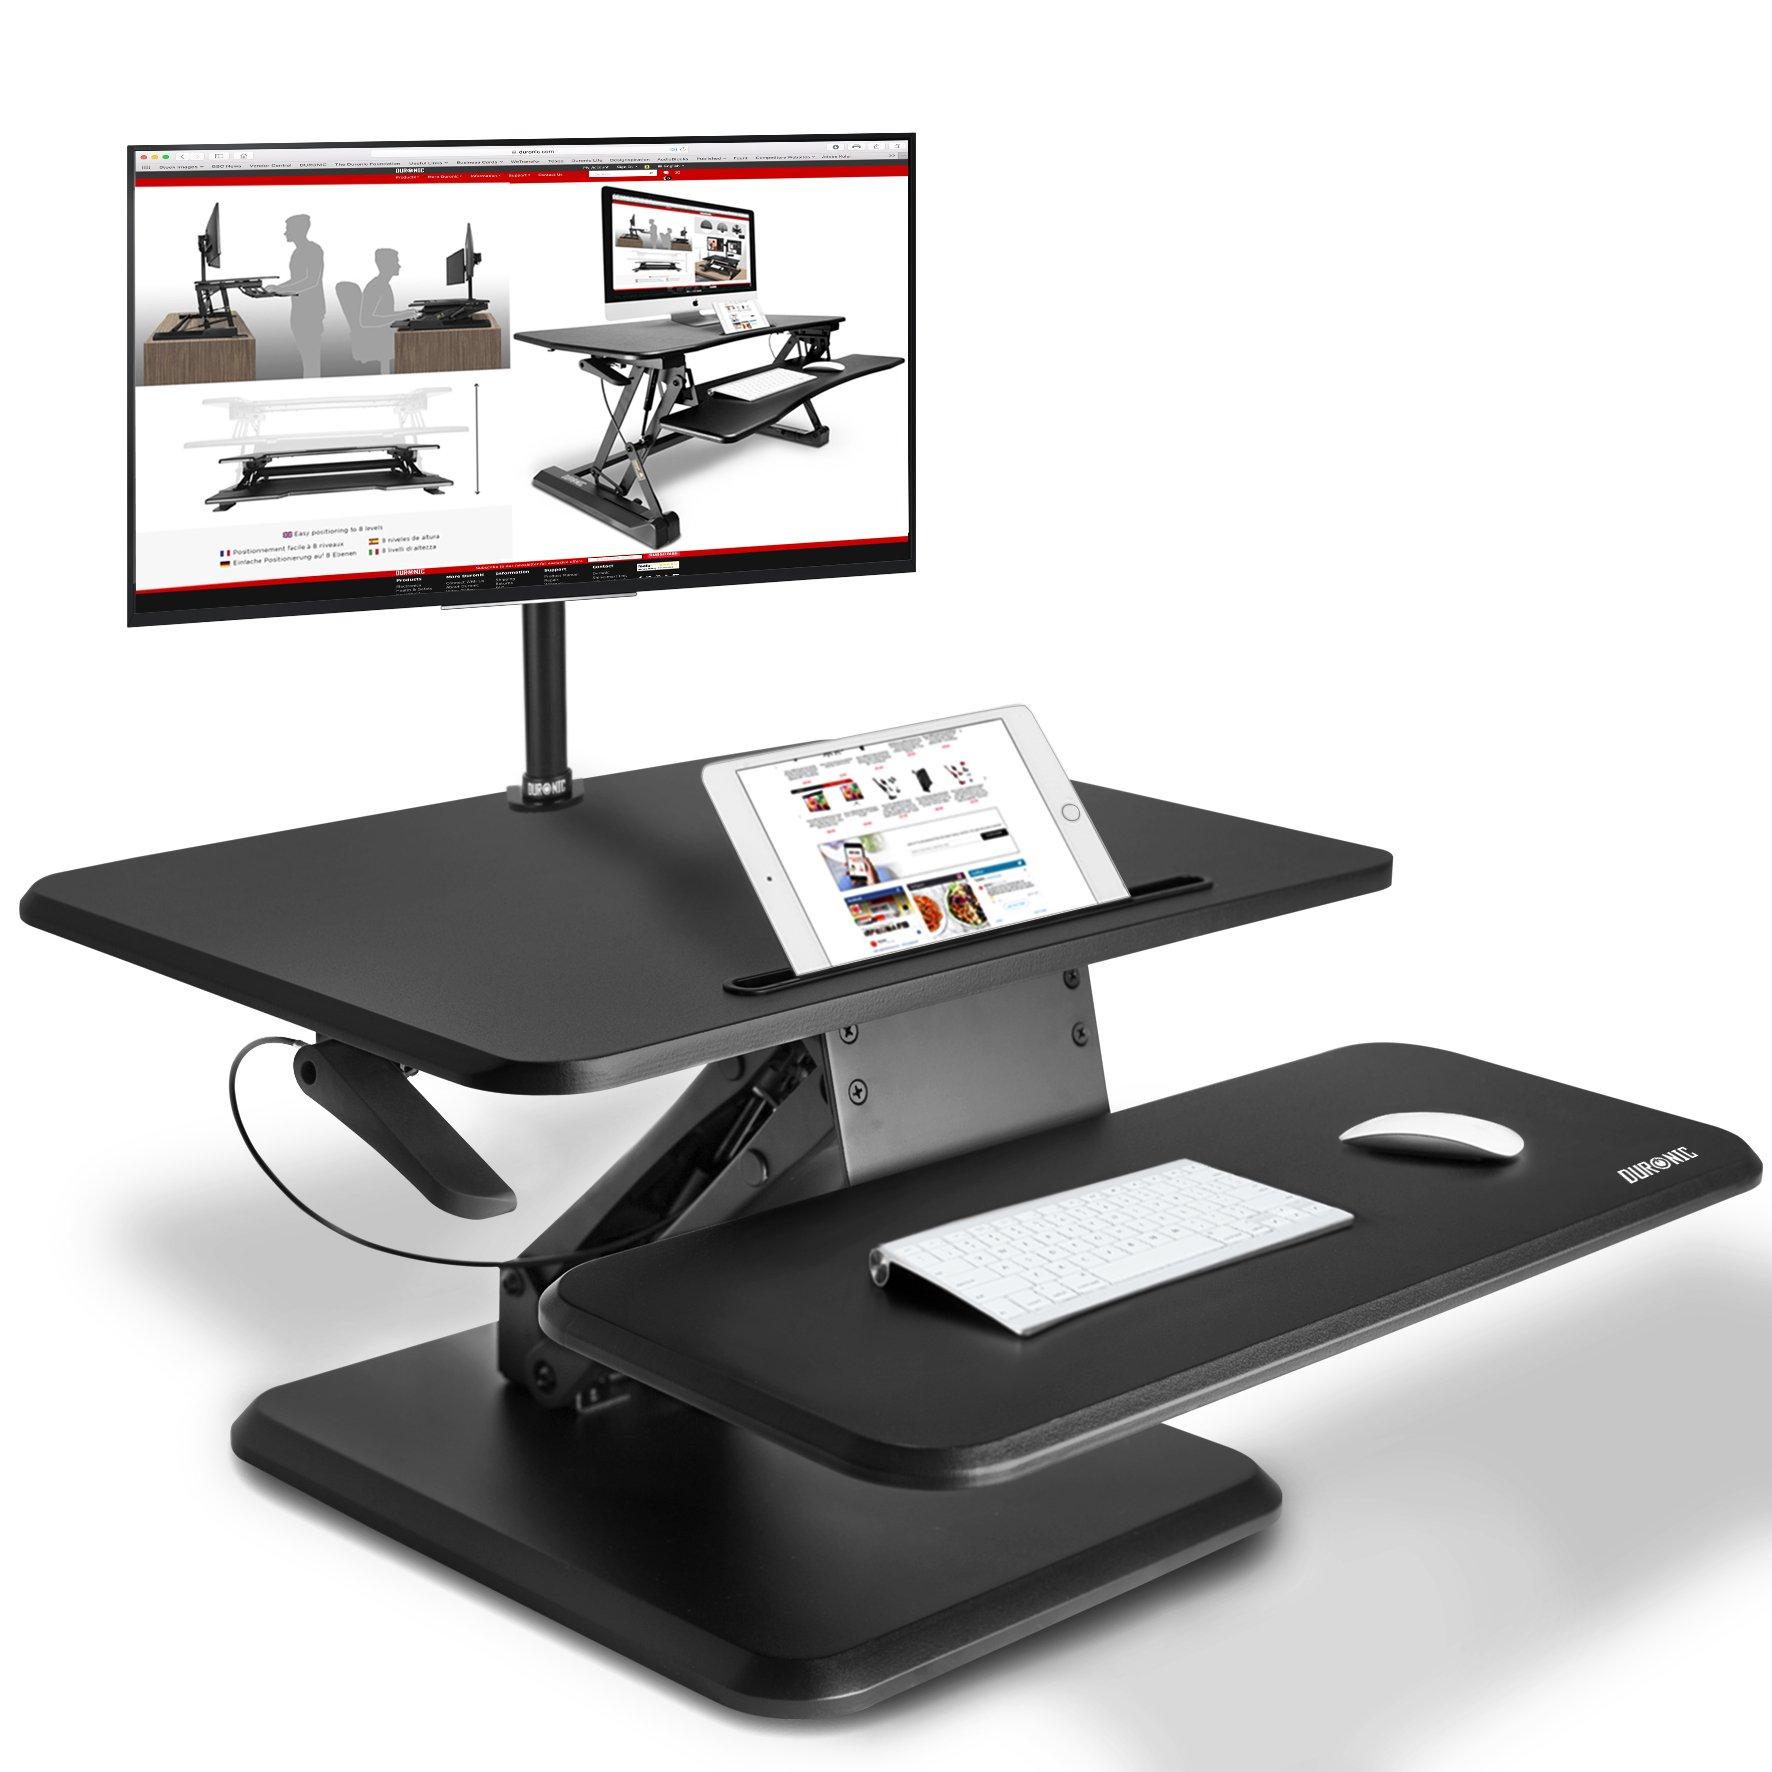 Duronic DM05D12 Estación de Trabajo para Monitor, Mesa Ordenador para Trabajar de Pie y Sentado